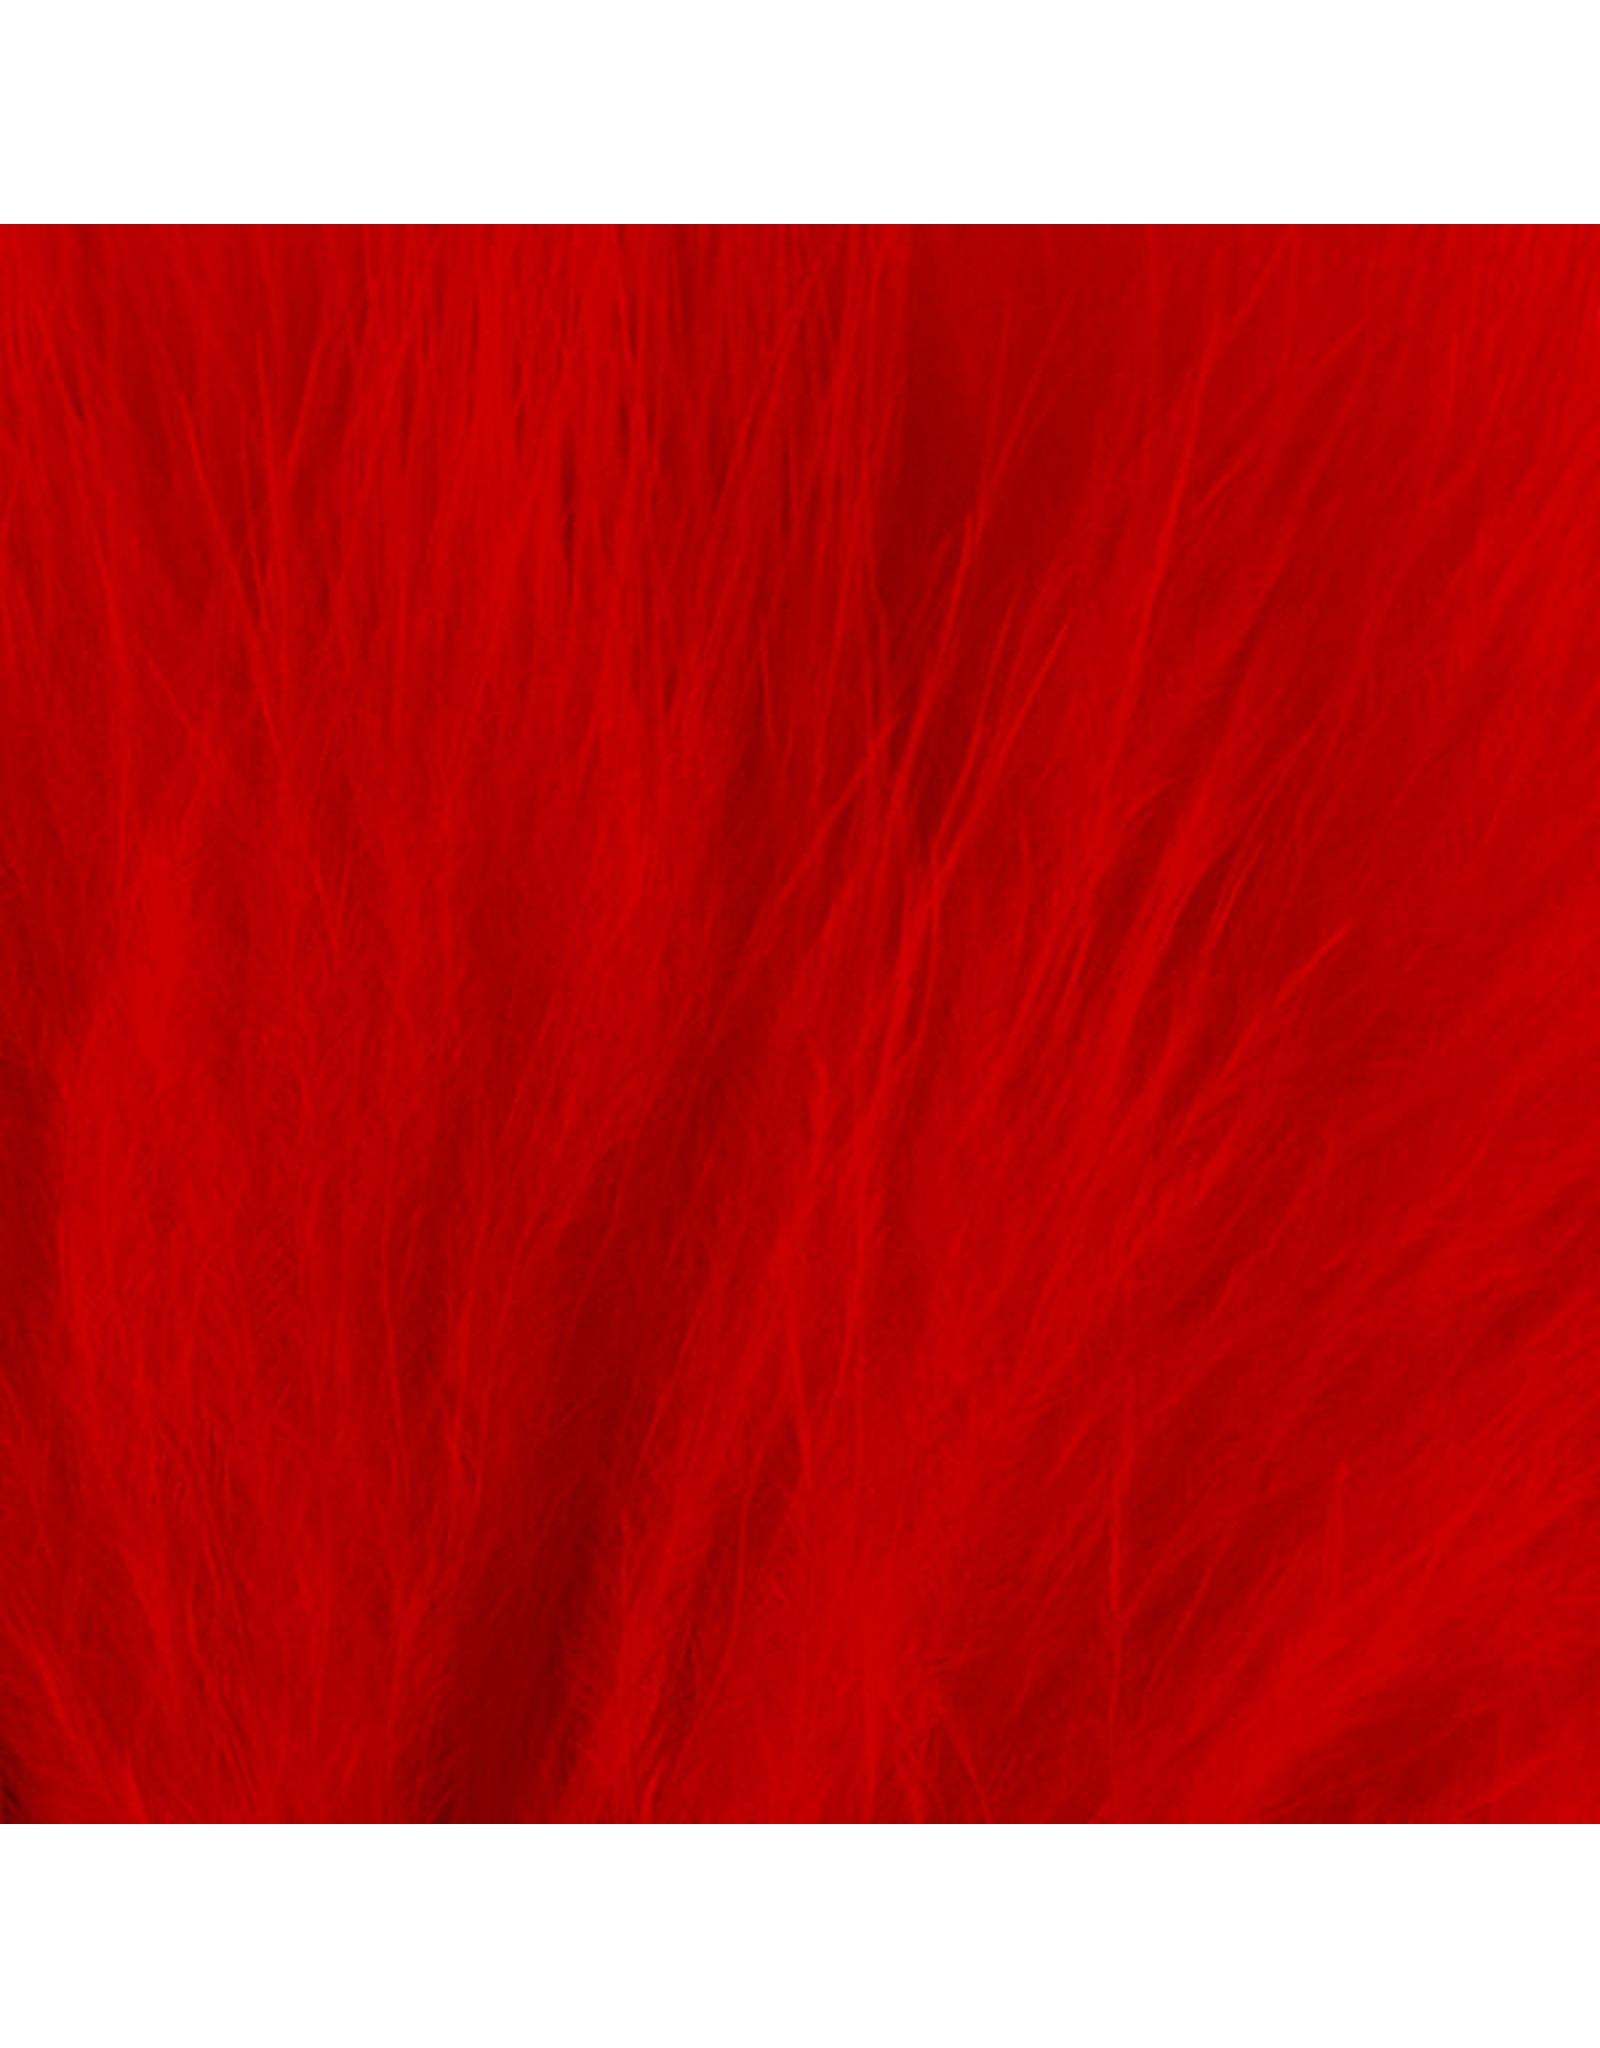 SHOR SHOR Marabou 1/4oz - Red